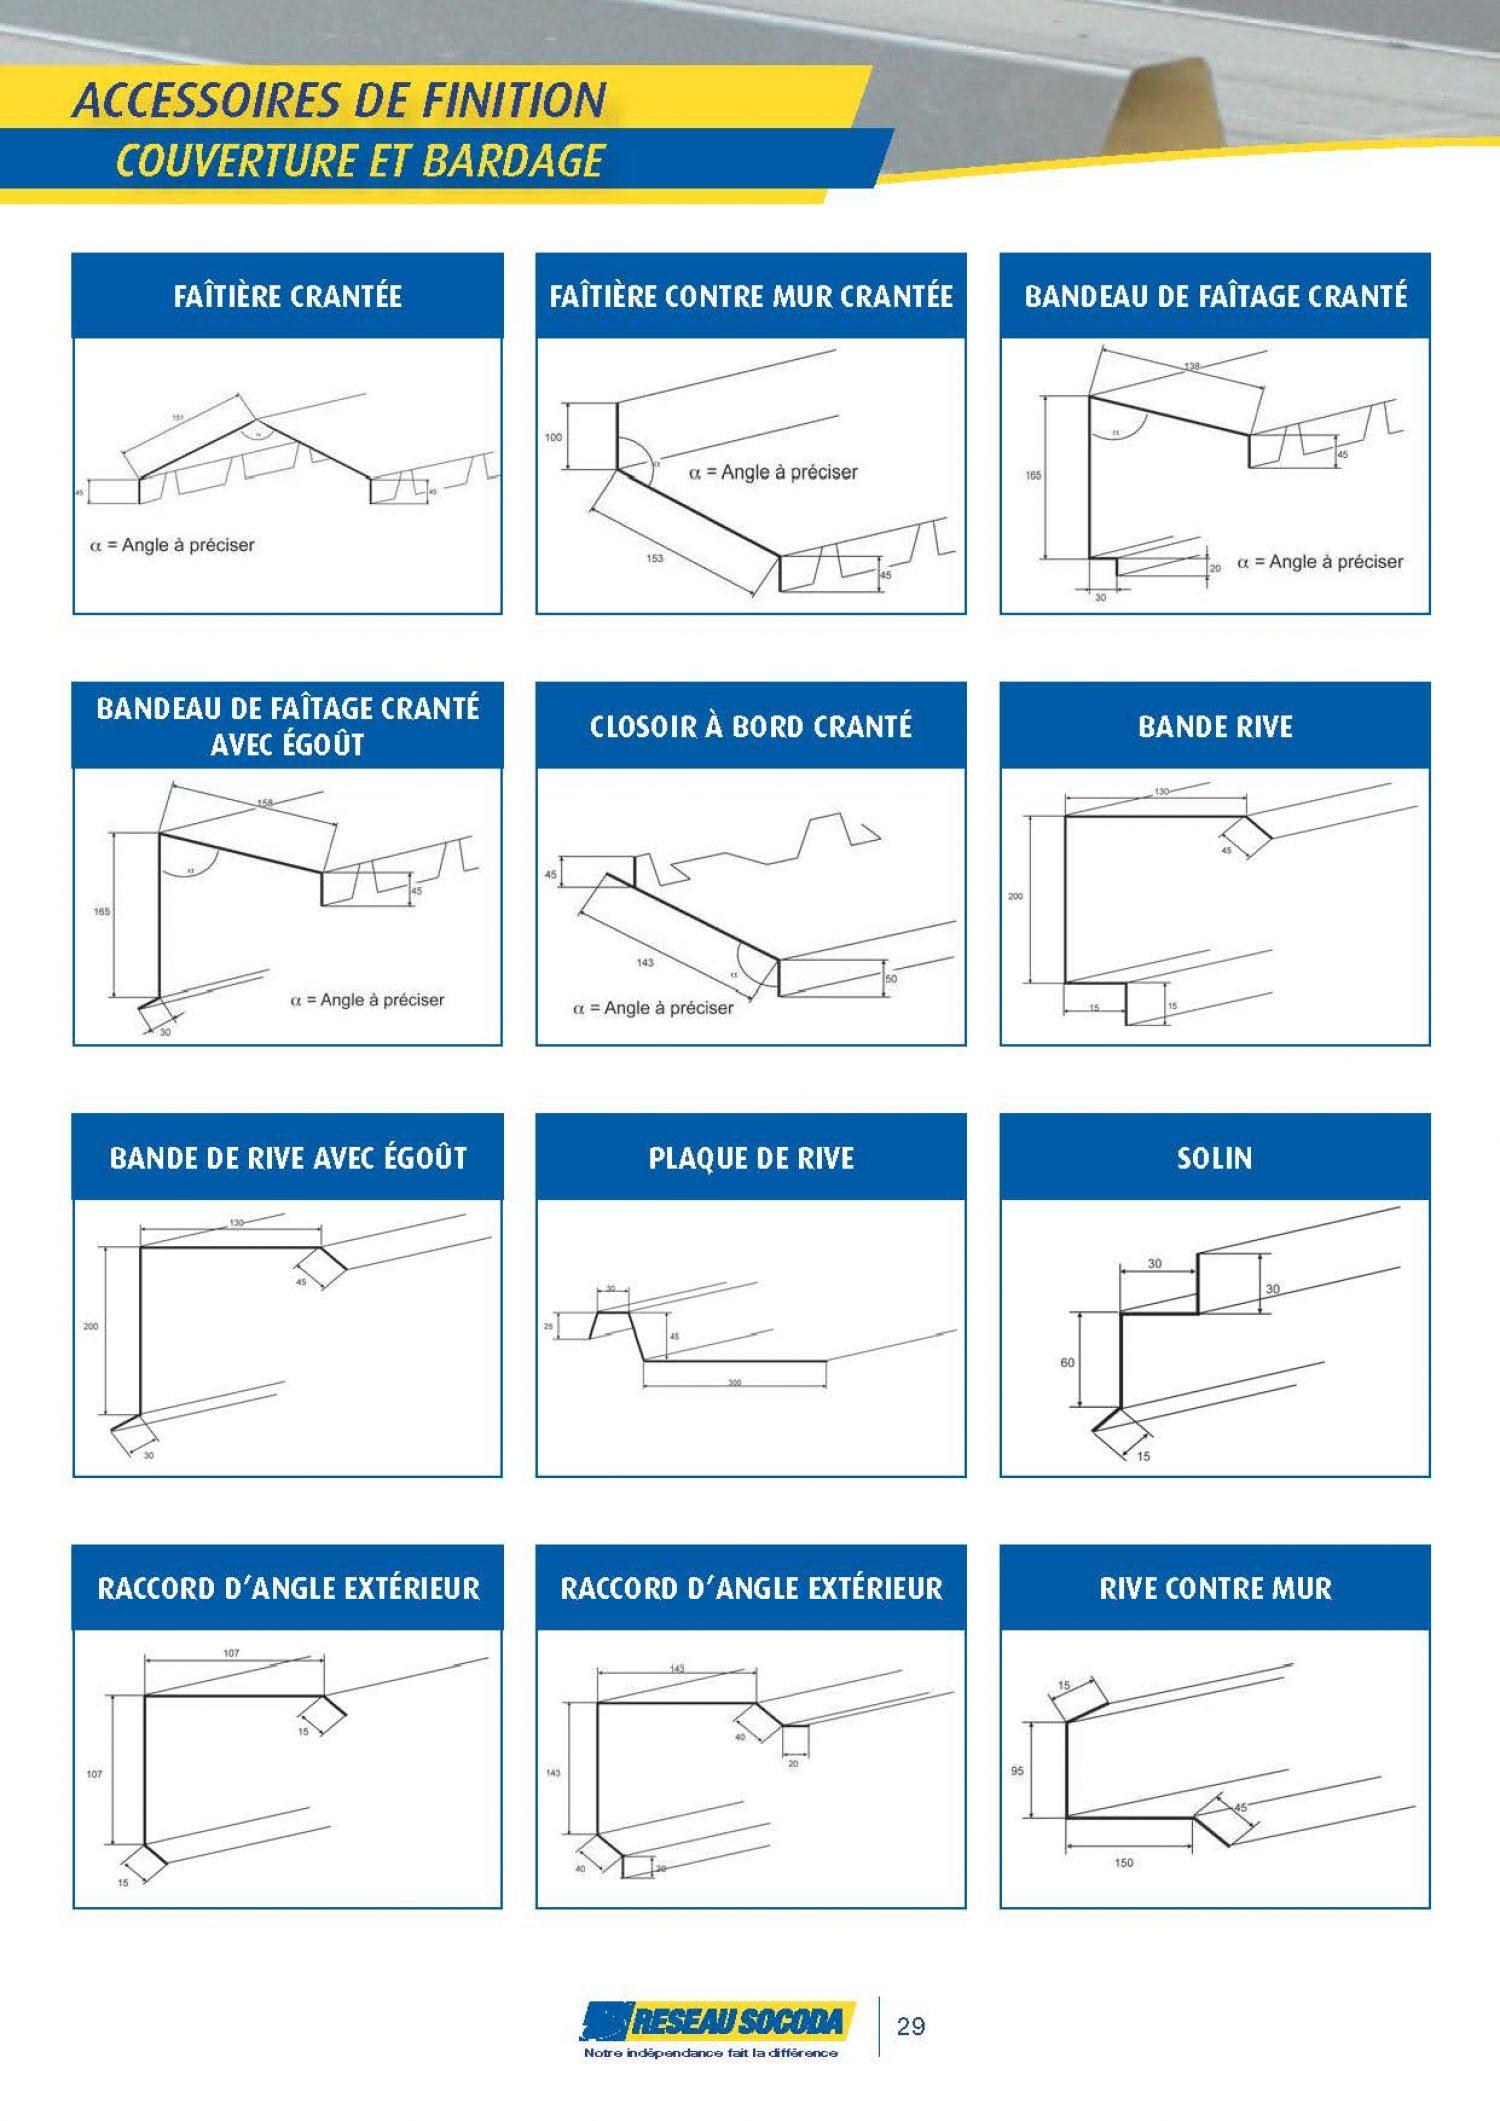 GERMOND_2014 PROFIL BATIMENT_20140324-184231_Page_29